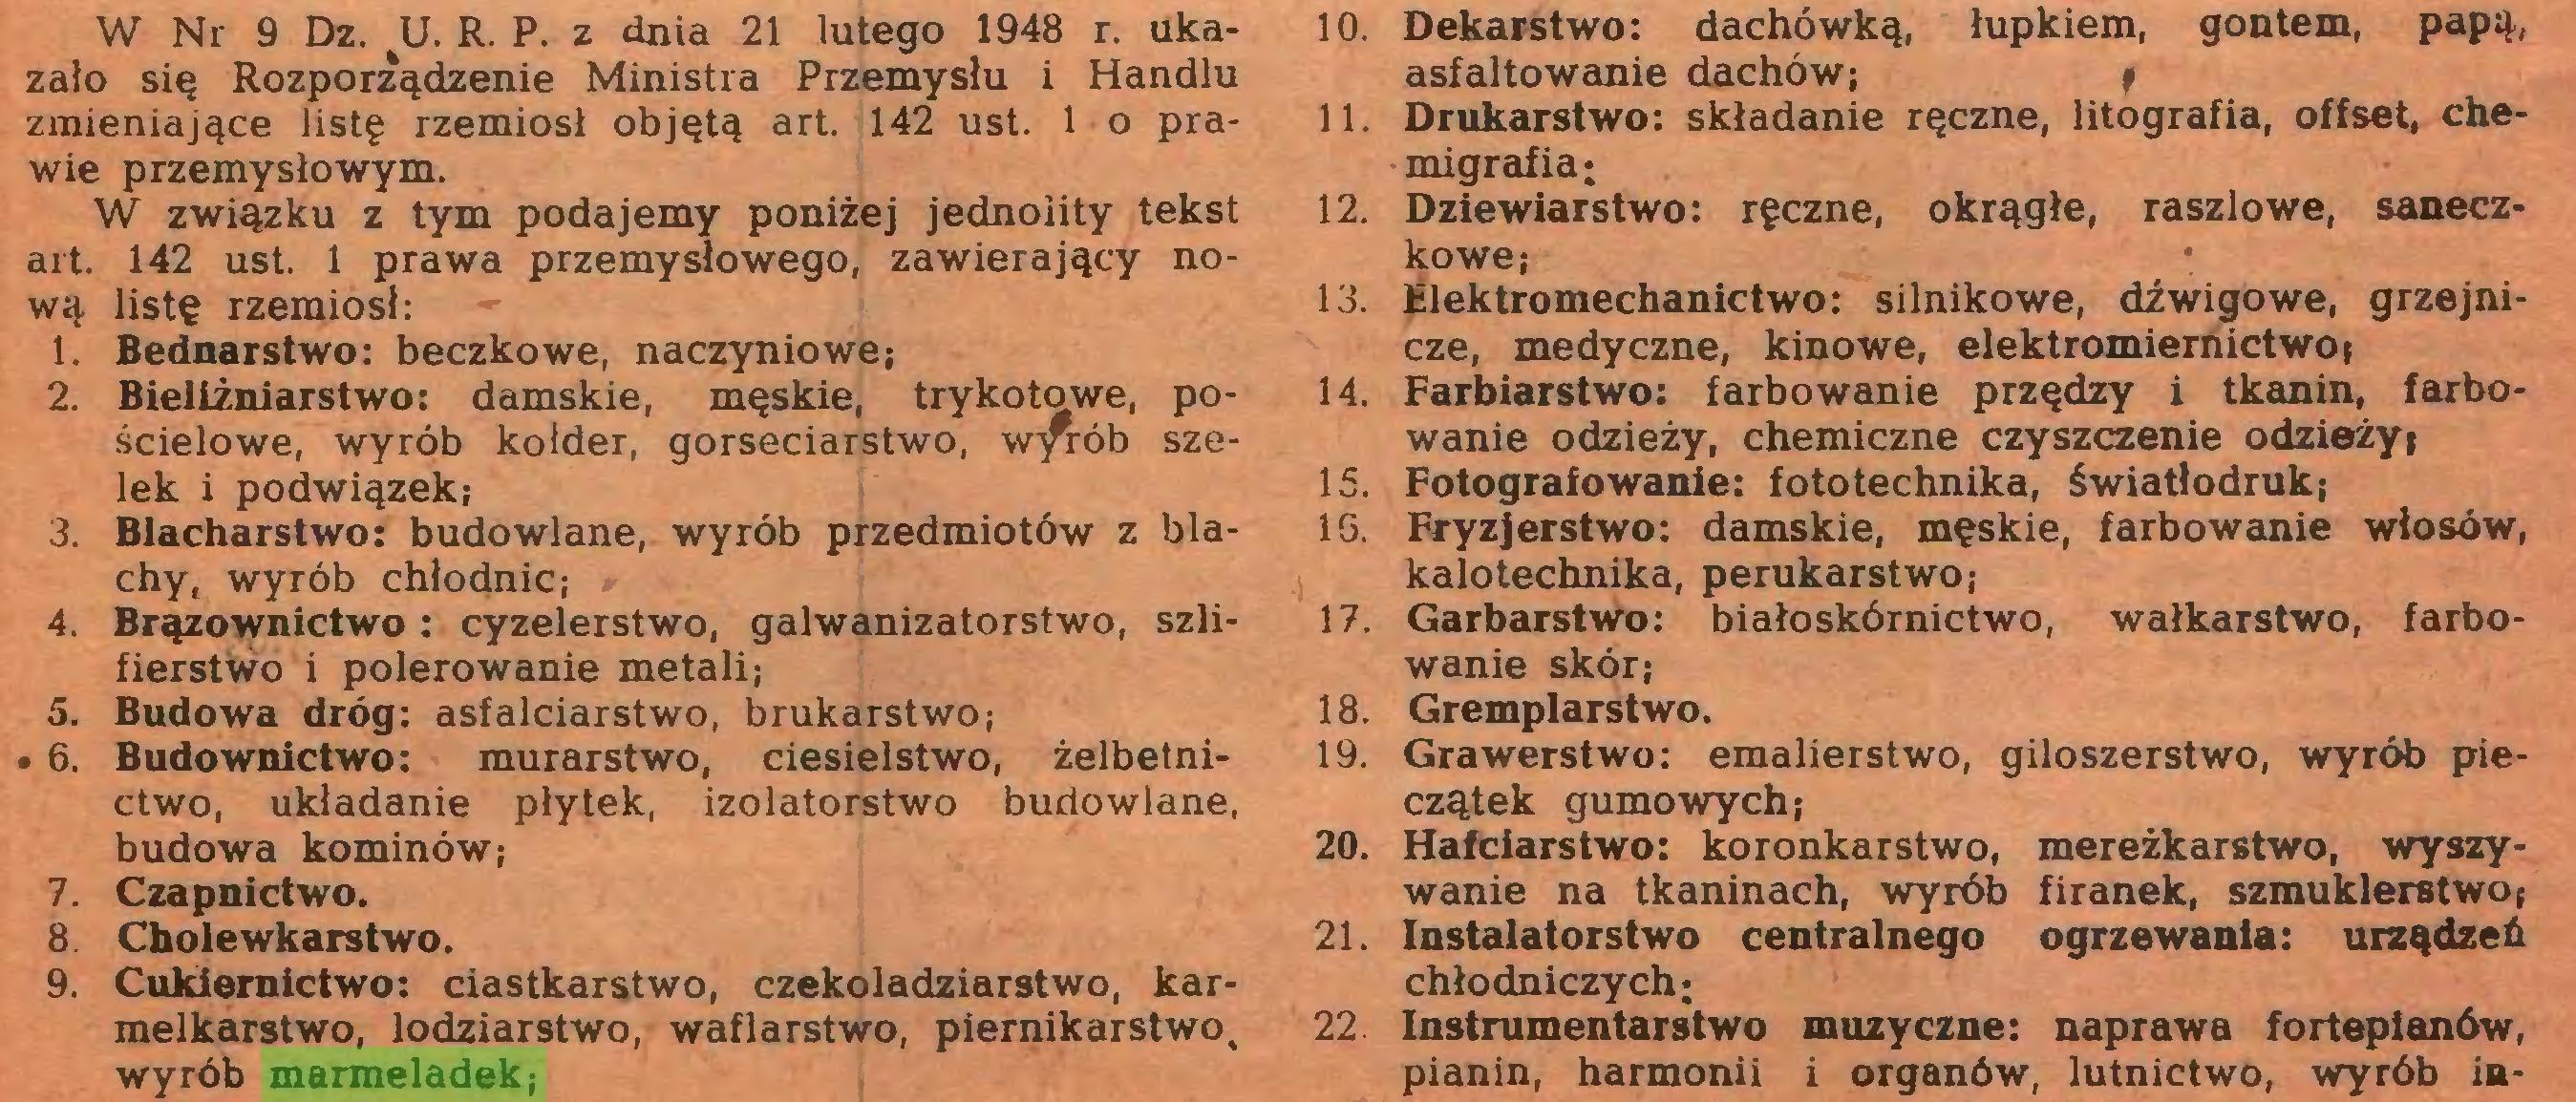 (...) 9. Cukiernictwo: ciastkarstwo, czekoladziarstwo, karmelkarstwo, lodziarstwo, waflarstwo, piernikarstwo, wyrób marmeladek; 10. Dekarstwo: dachówką, łupkiem, gontem, papą, asfaltowanie dachów; f 11. Drukarstwo: składanie ręczne, litografia, offset, chemigrafia; 12. Dziewiarstwo: ręczne, okrągłe, raszlowe, sanecz...